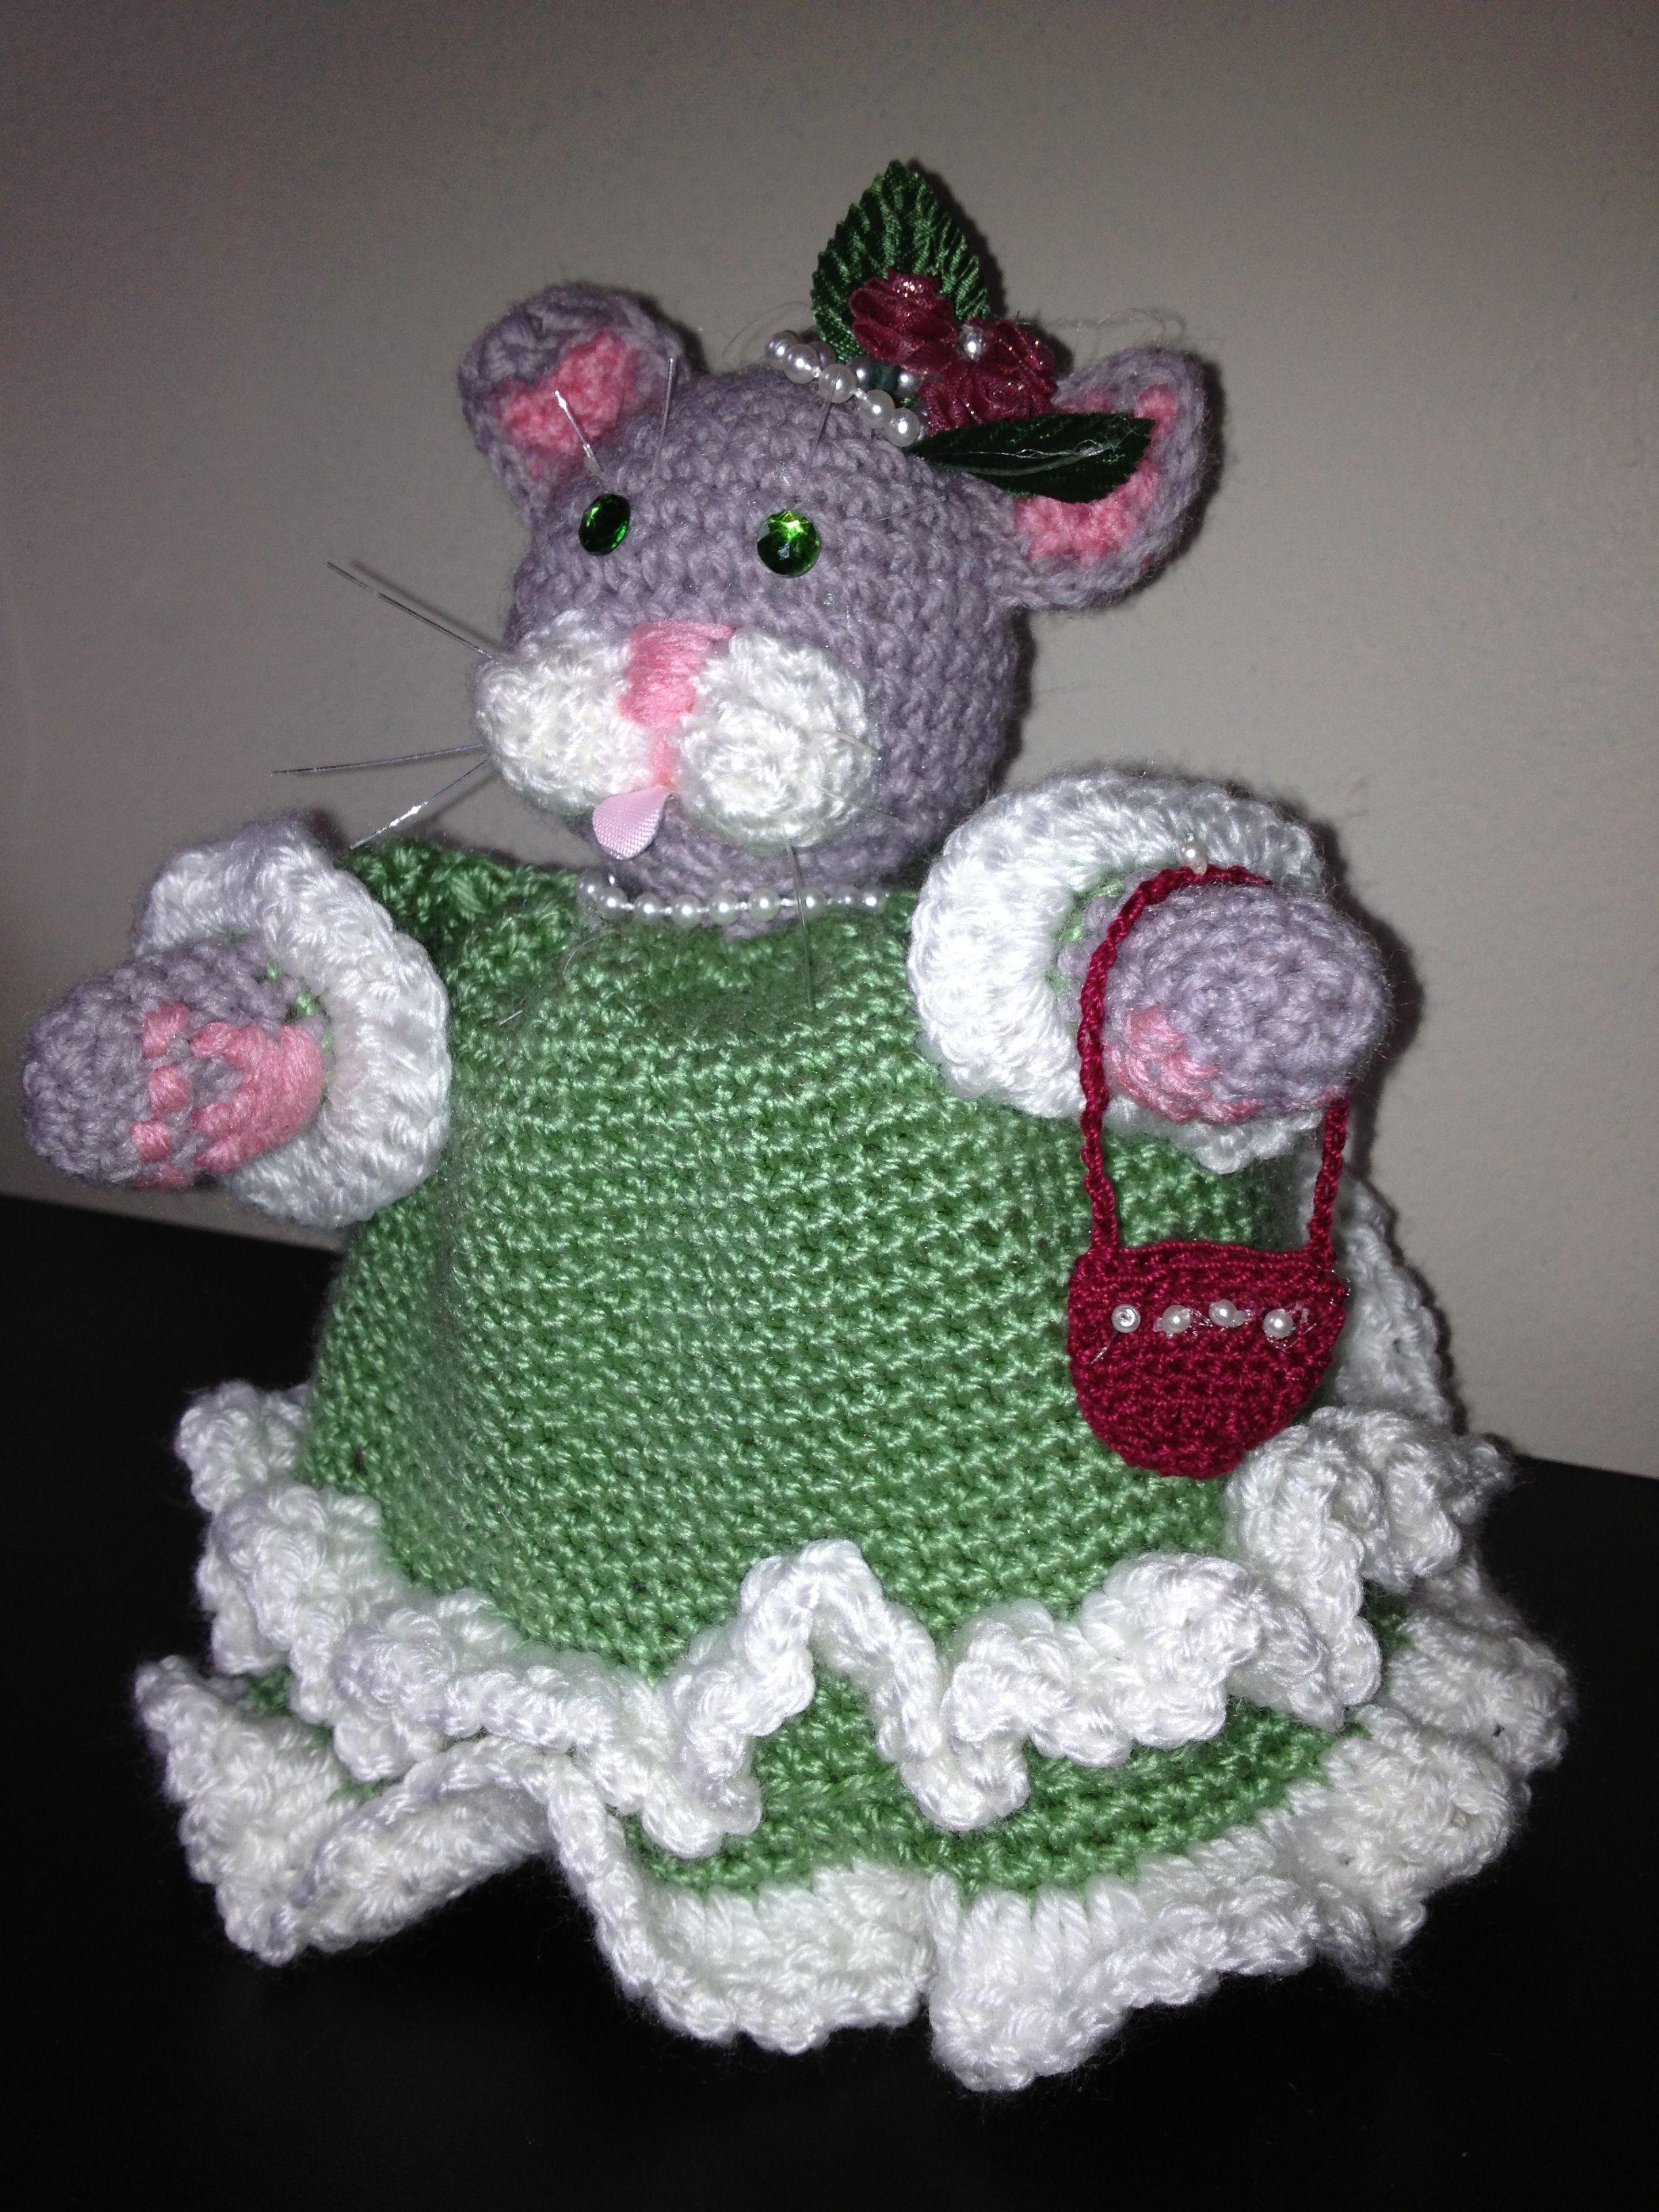 Free Crochet Pattern Toilet Tissue Holder Pakbit For